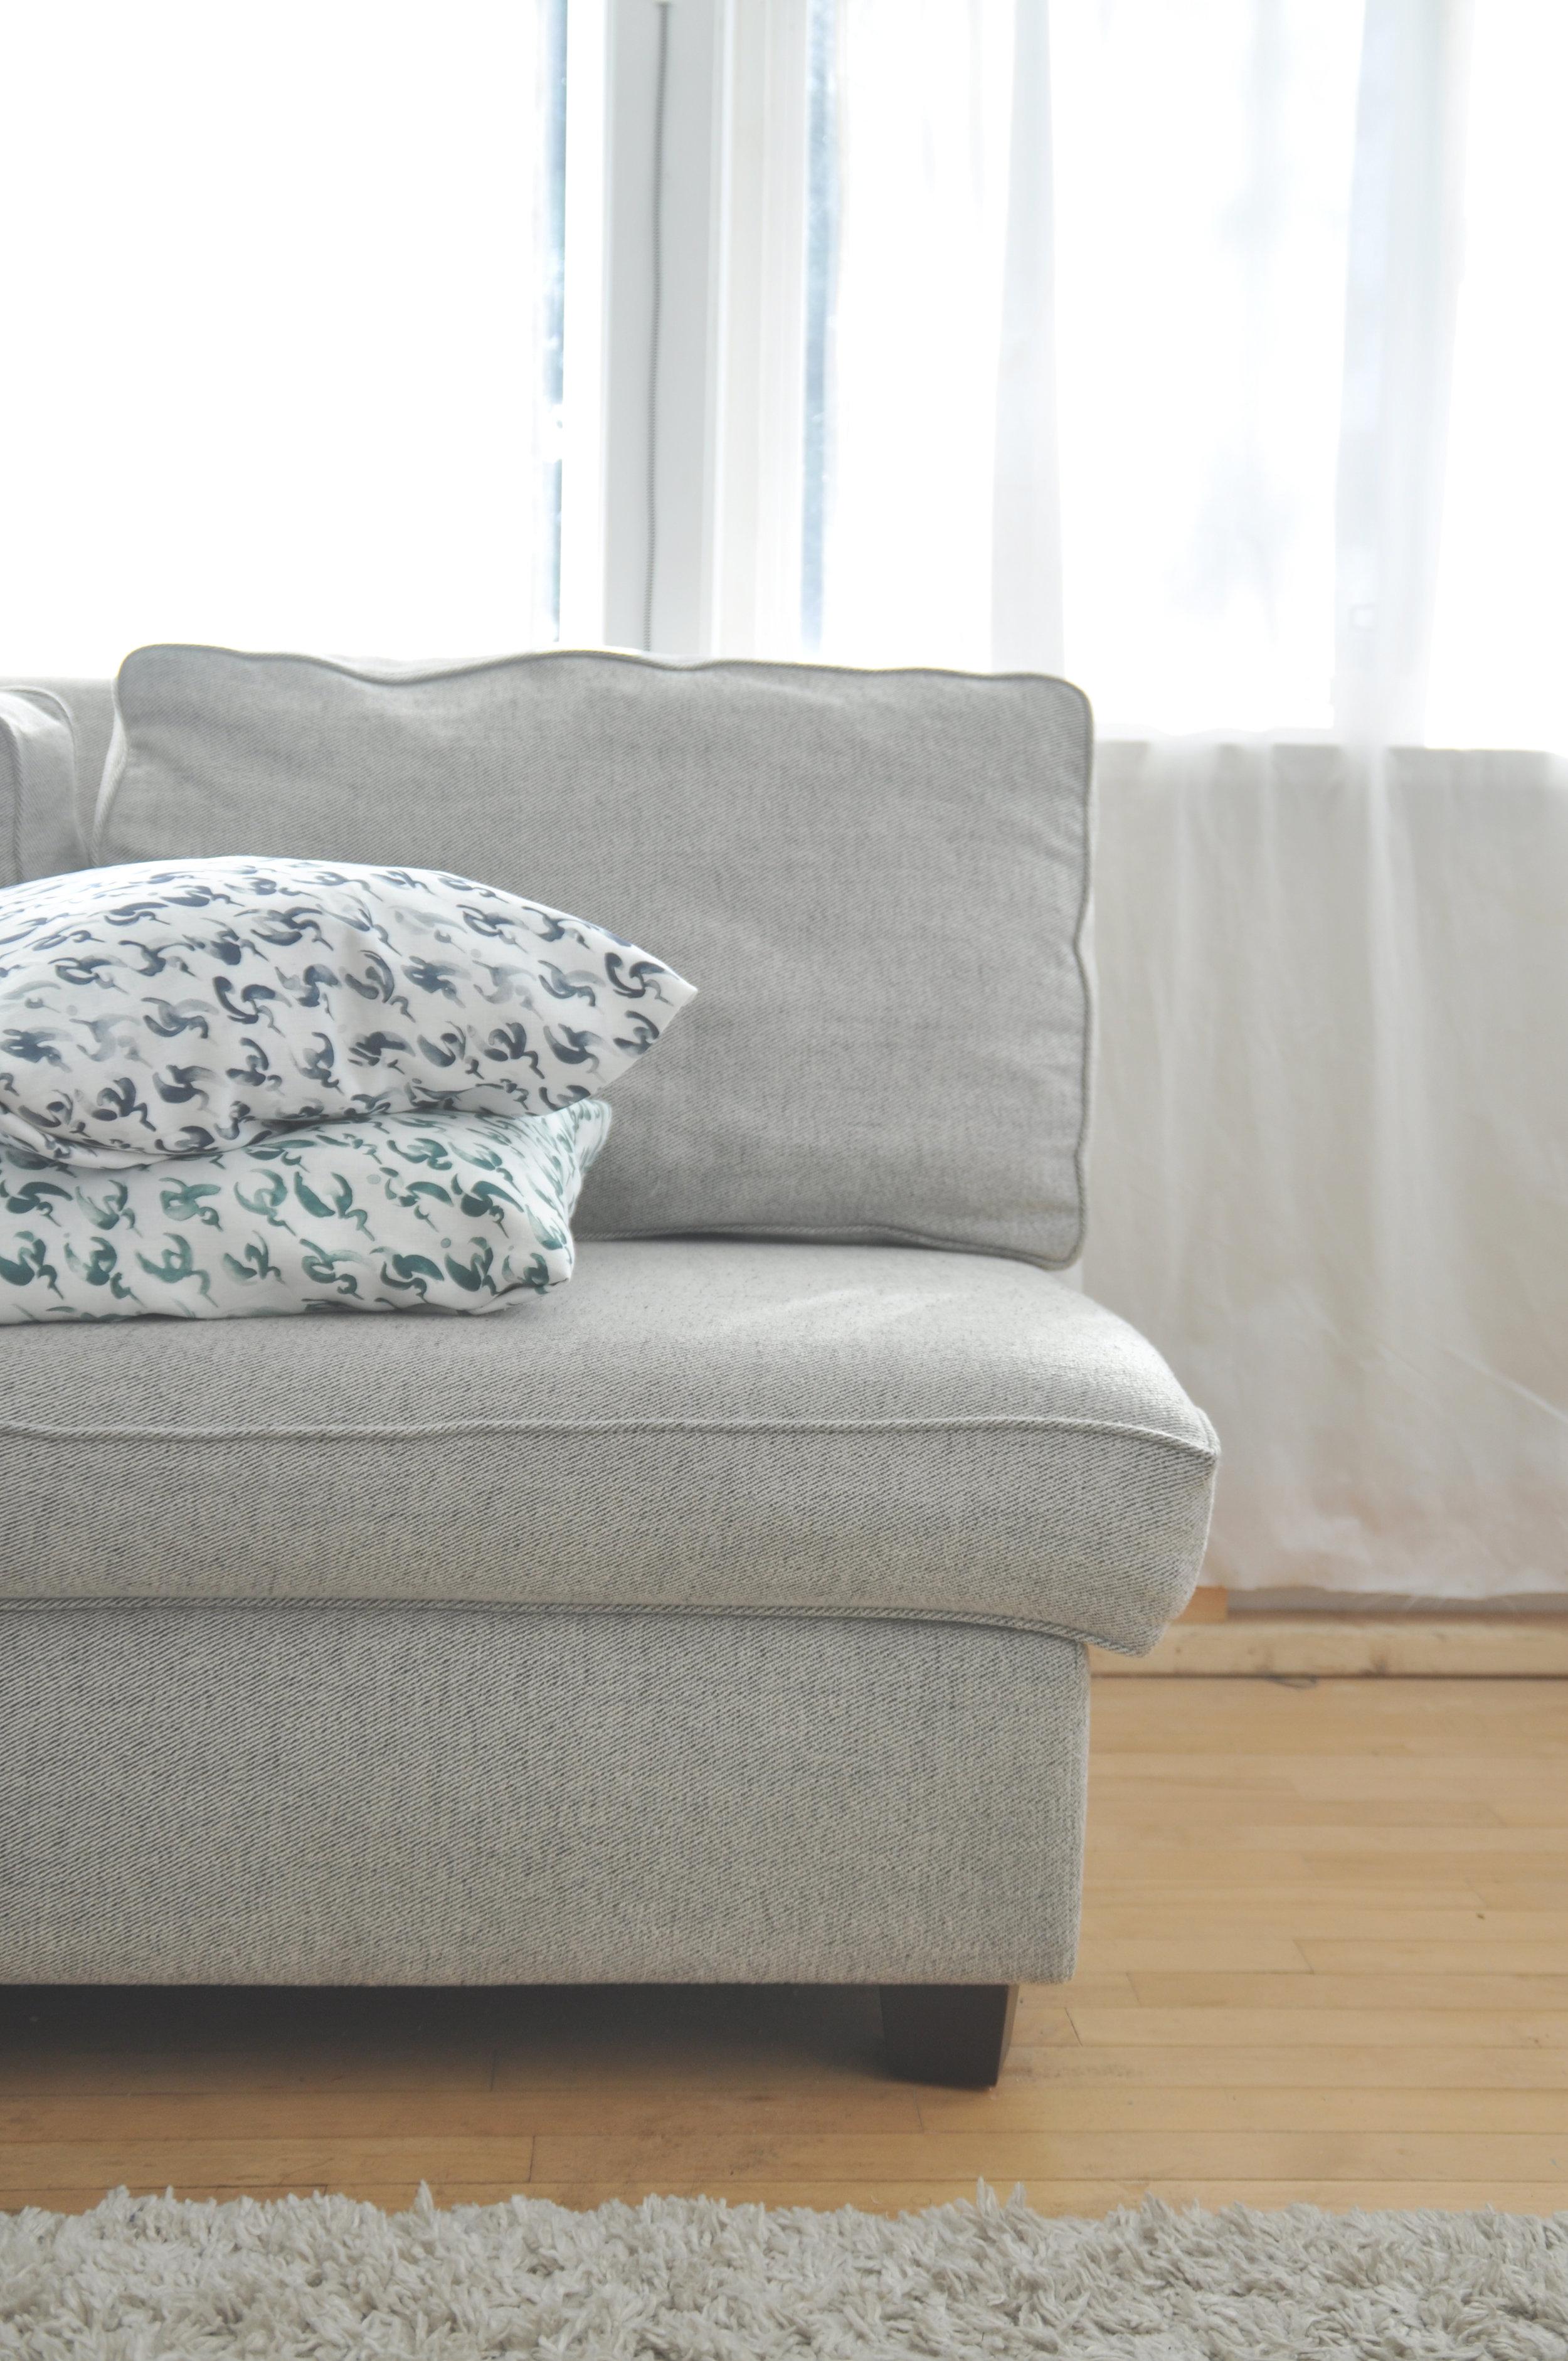 akHOME Hummstooth crop sofa.jpg